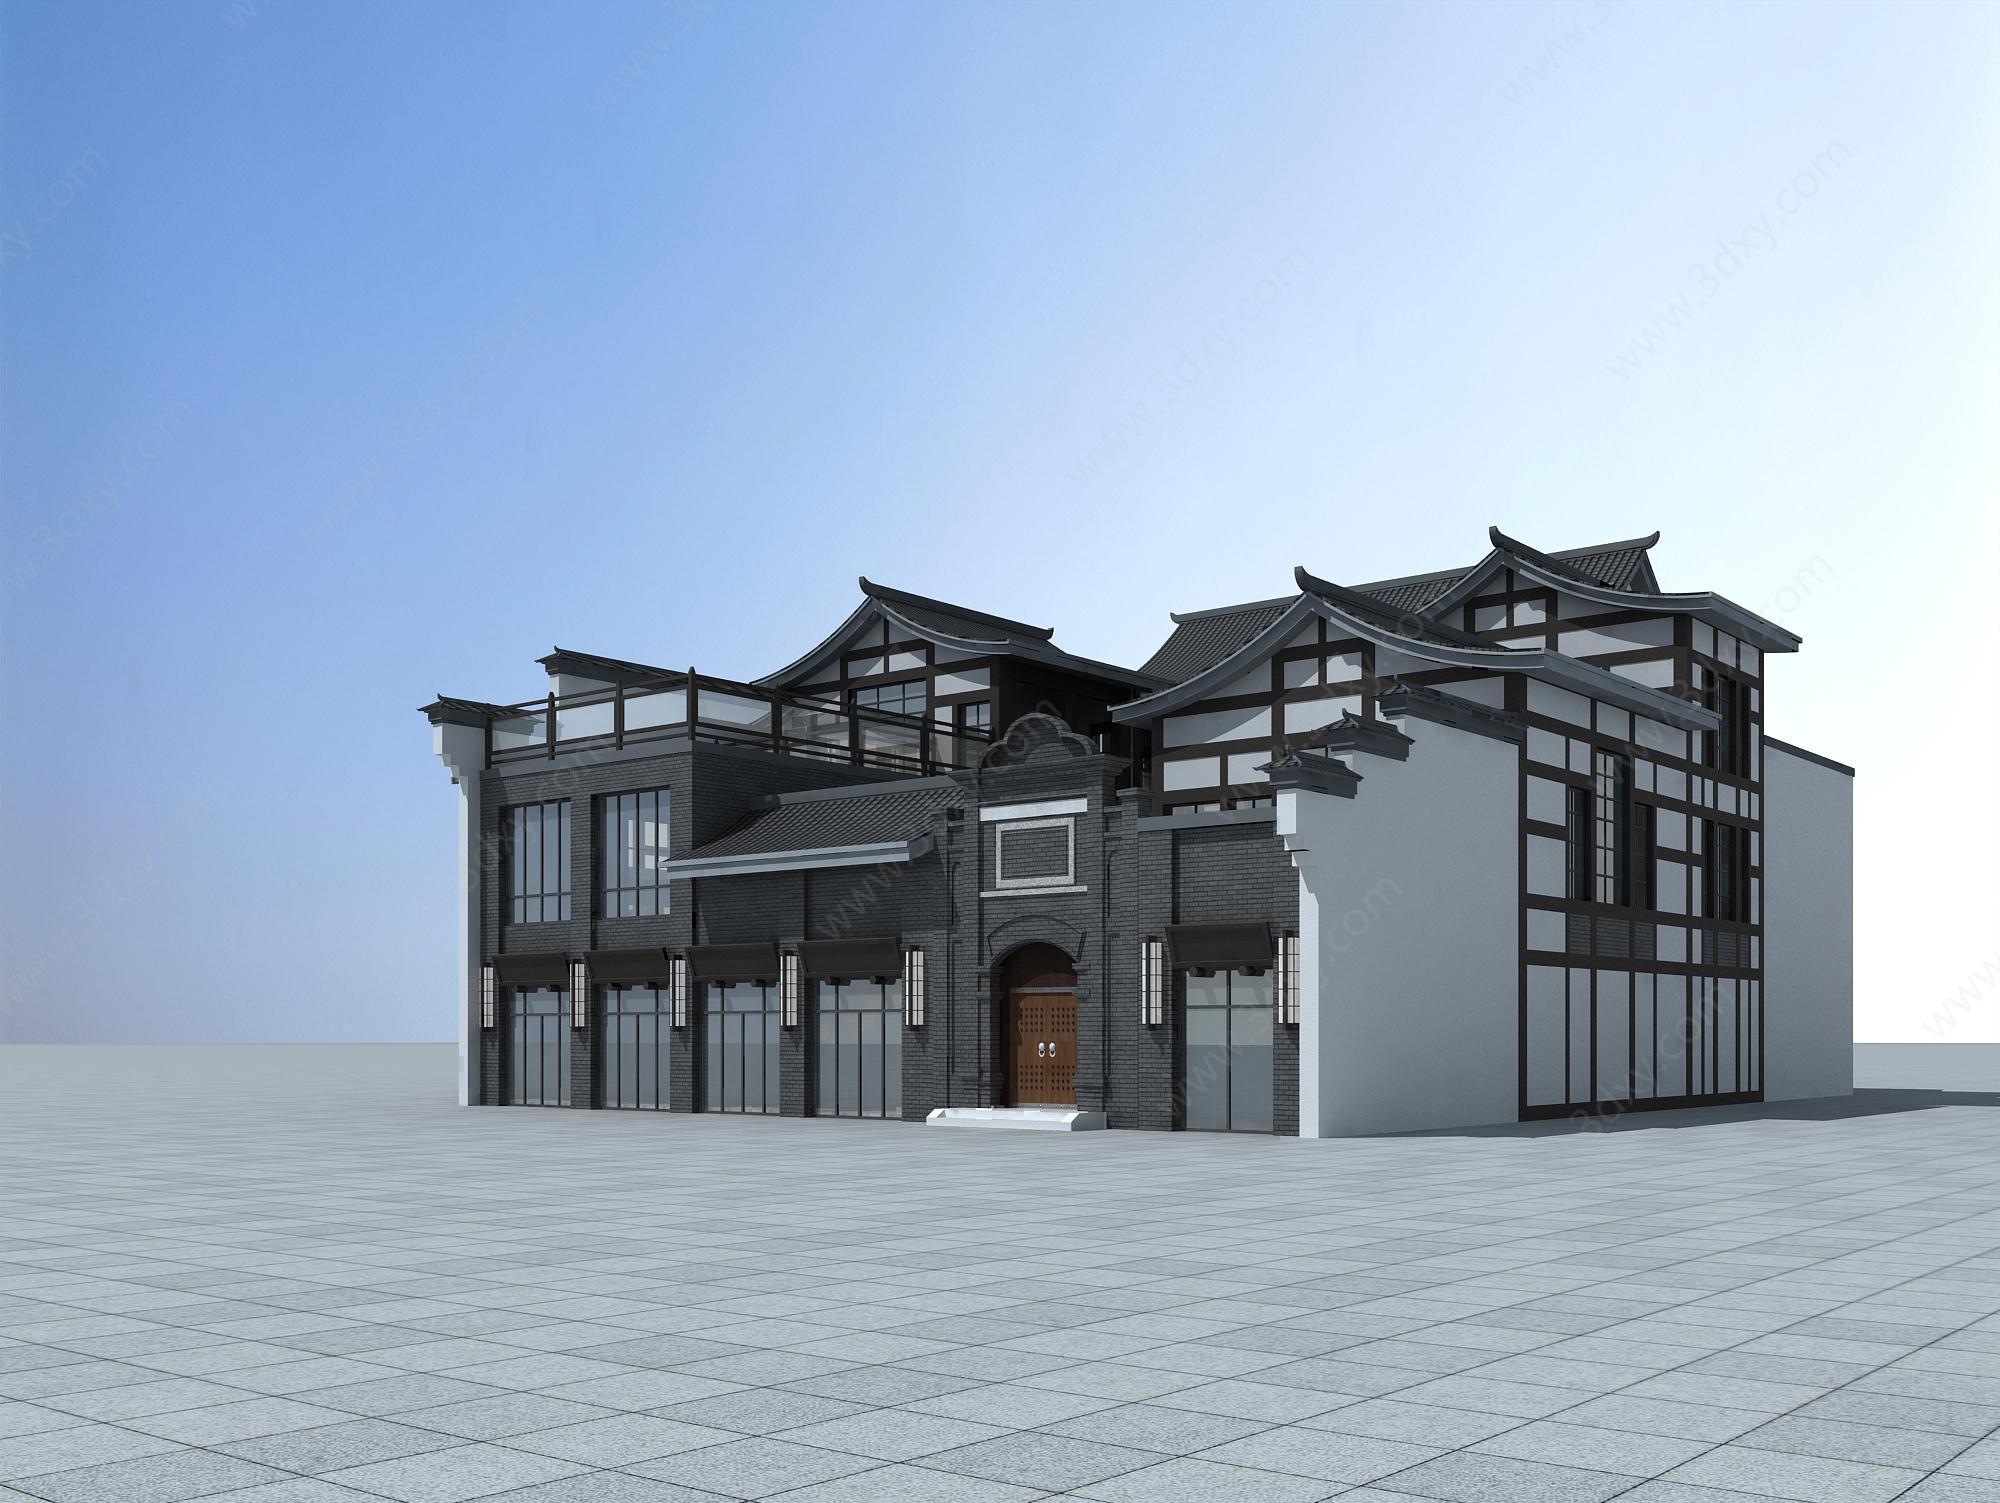 户外建筑3d模型 建筑3d模型 中式商业建筑3d模型图片